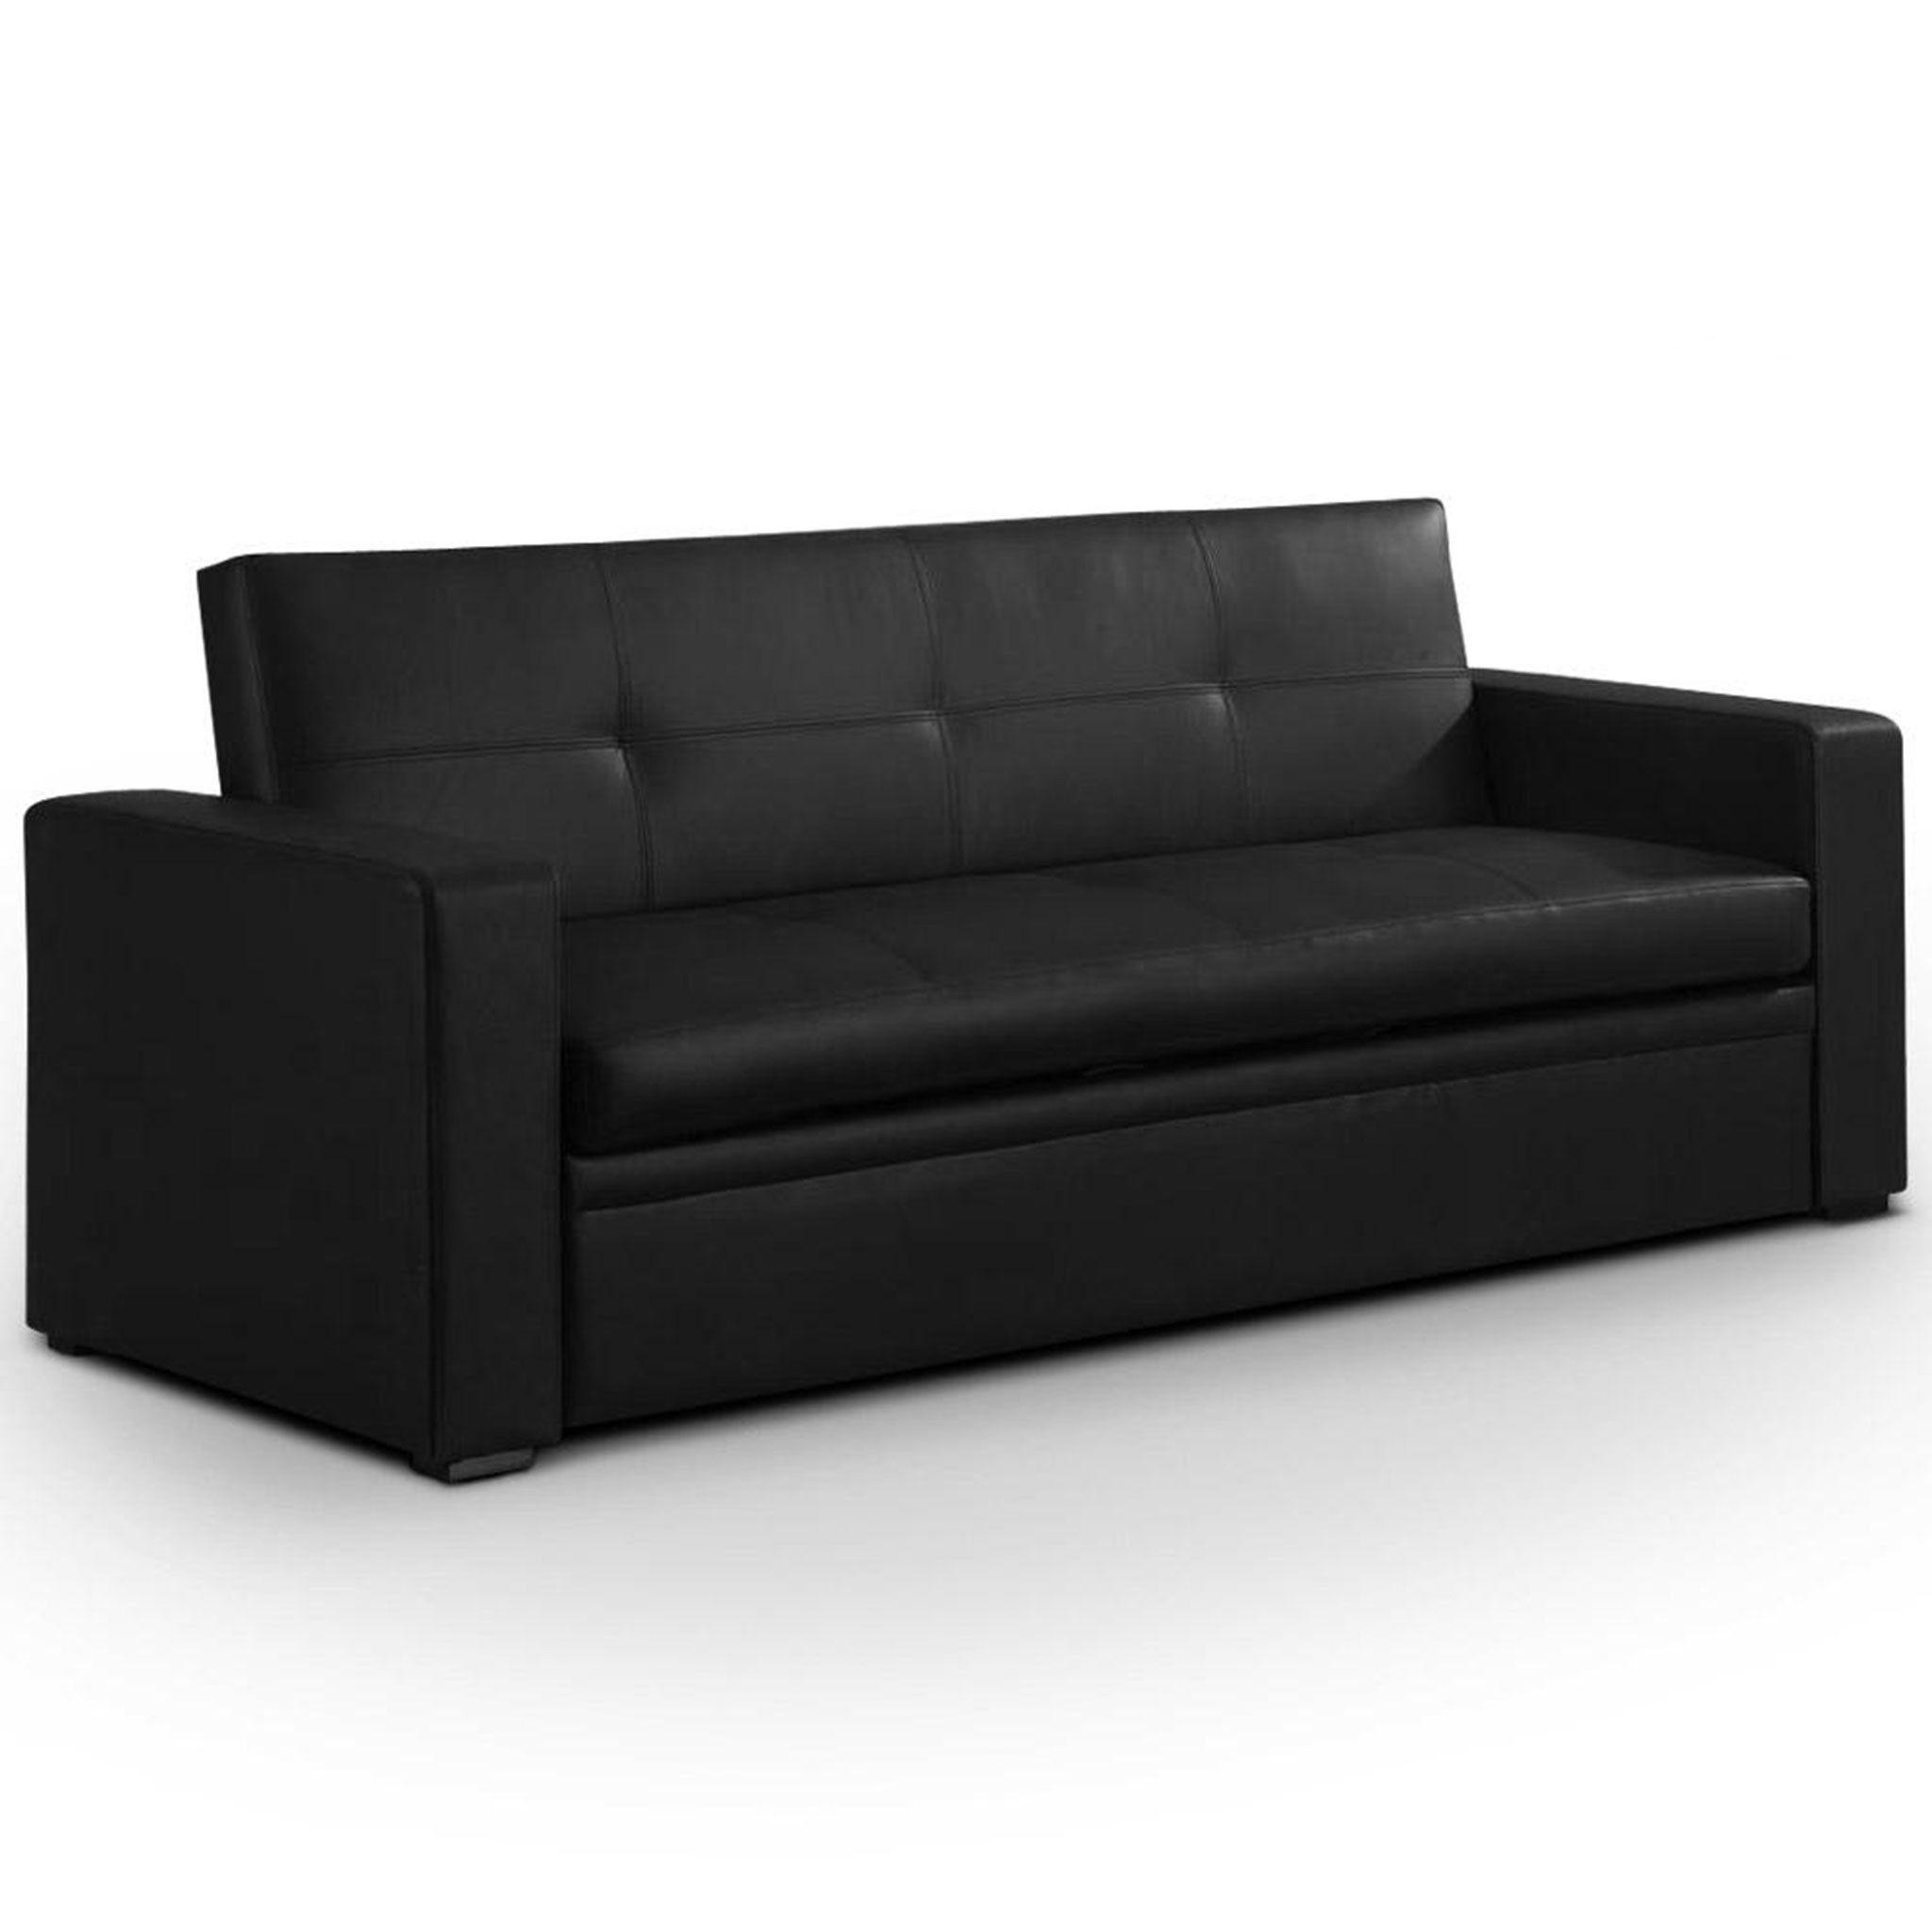 Canapé Lit Conforama Agréable Décoratif Canapé Convertible Pas Cher Conforama Dans Canape Lit